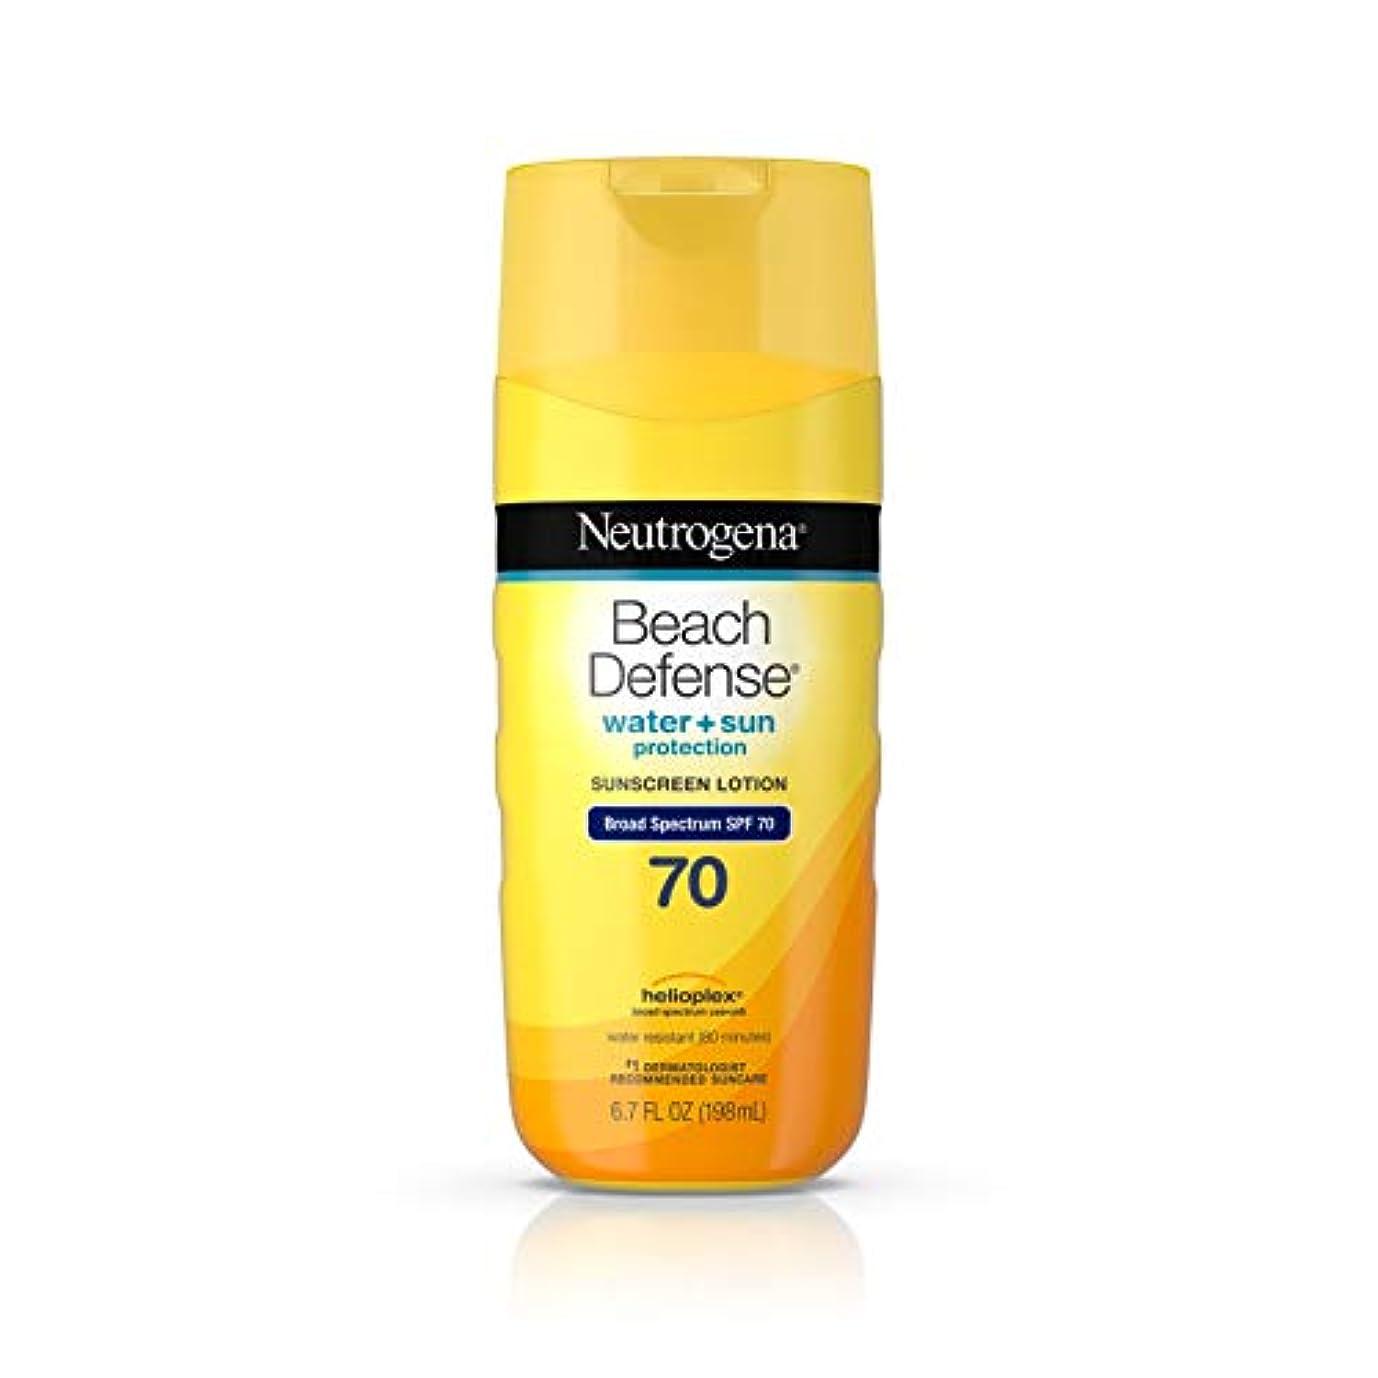 メダリスト若さおばあさん海外直送品Neutrogena Neutrogena Beach Defense Lotion SPF 70, 6.7 oz